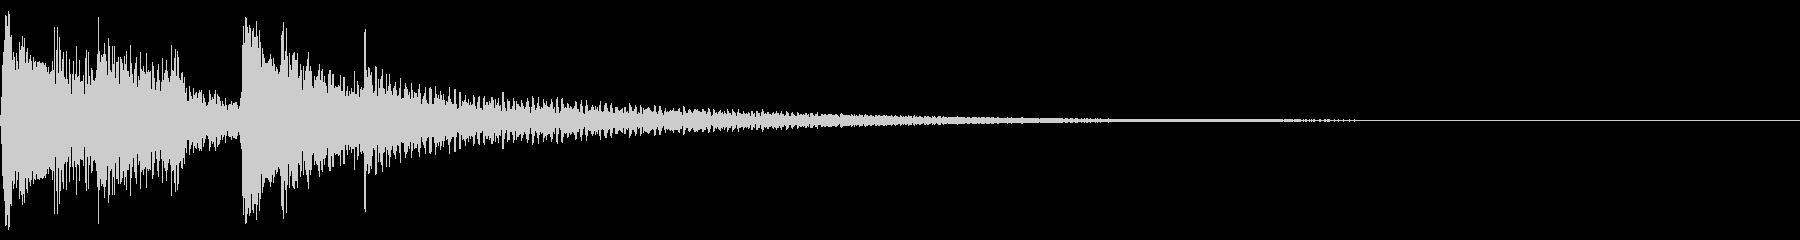 ダーク アルペジオ ナイロンギターの未再生の波形